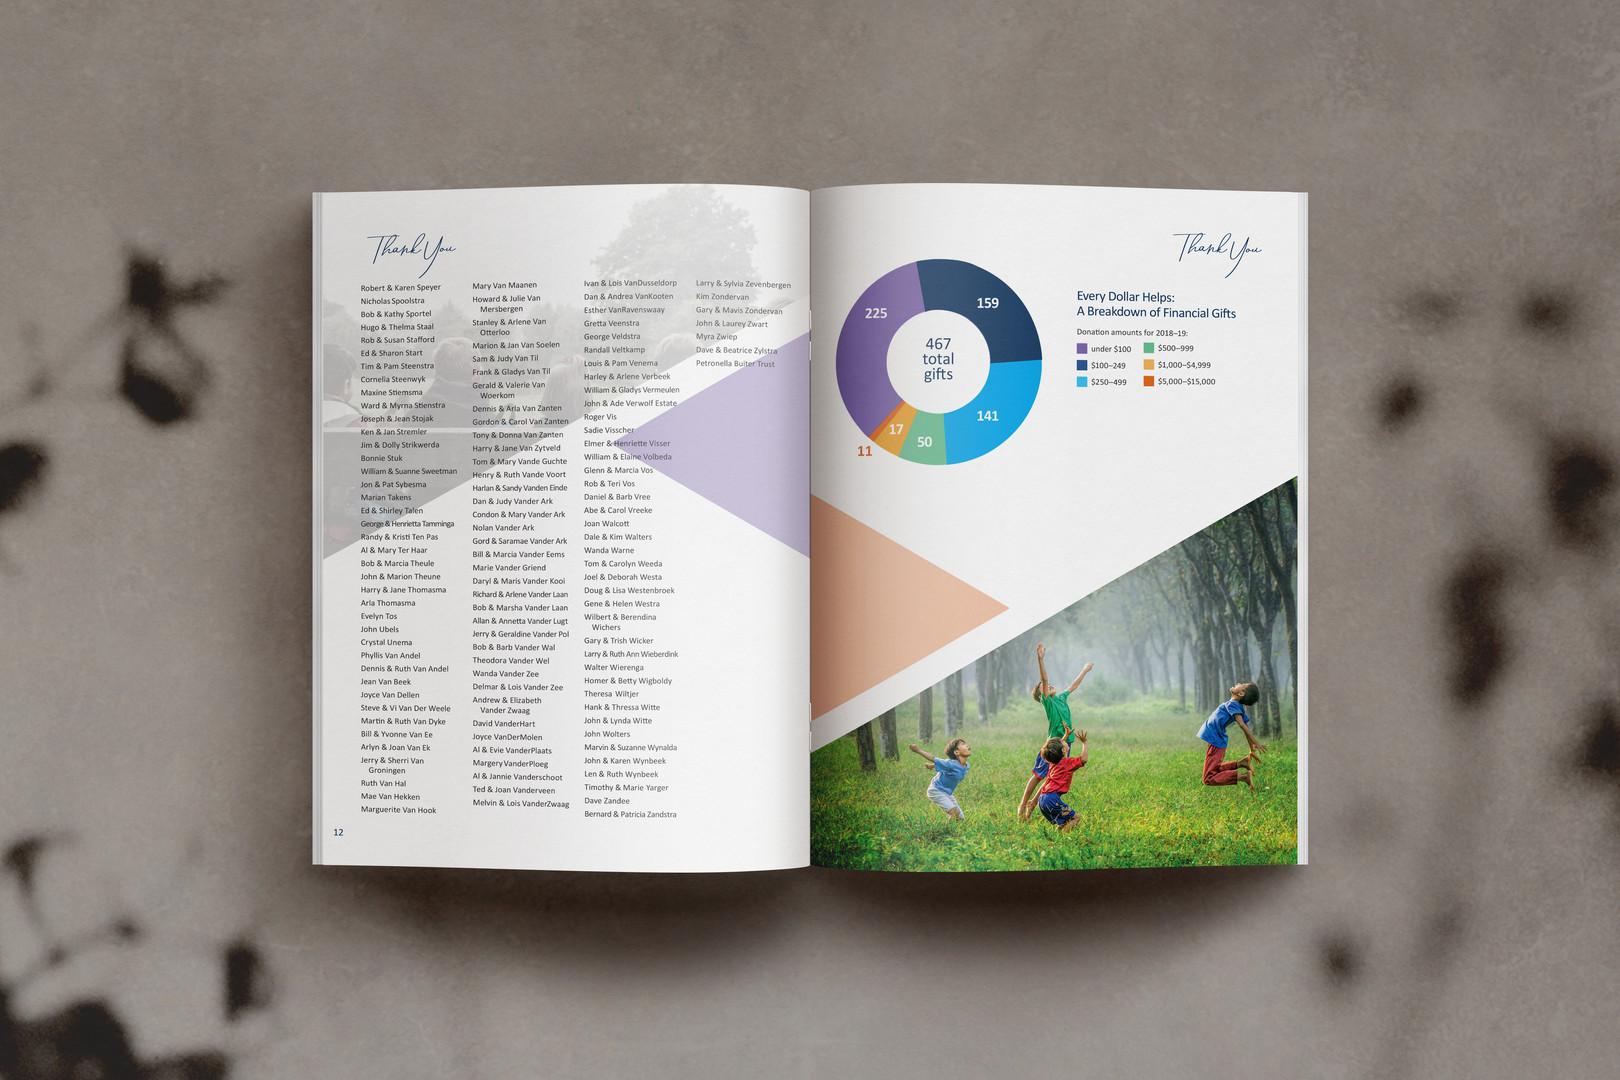 2018-2019_AnnualReport_PG11-12.jpg